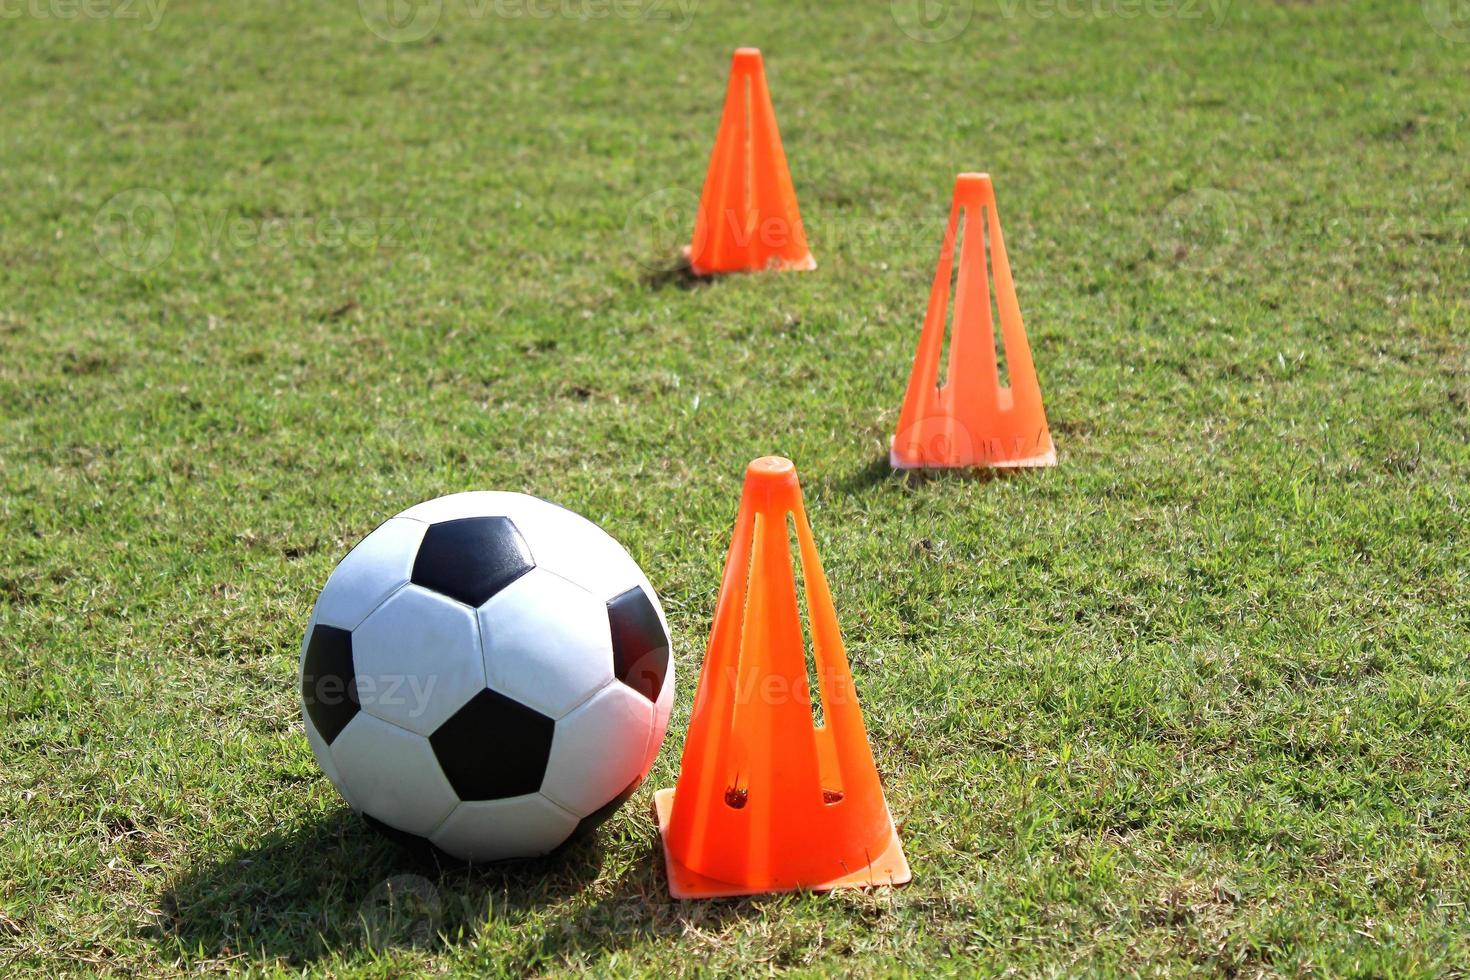 entrenamiento de futbol foto